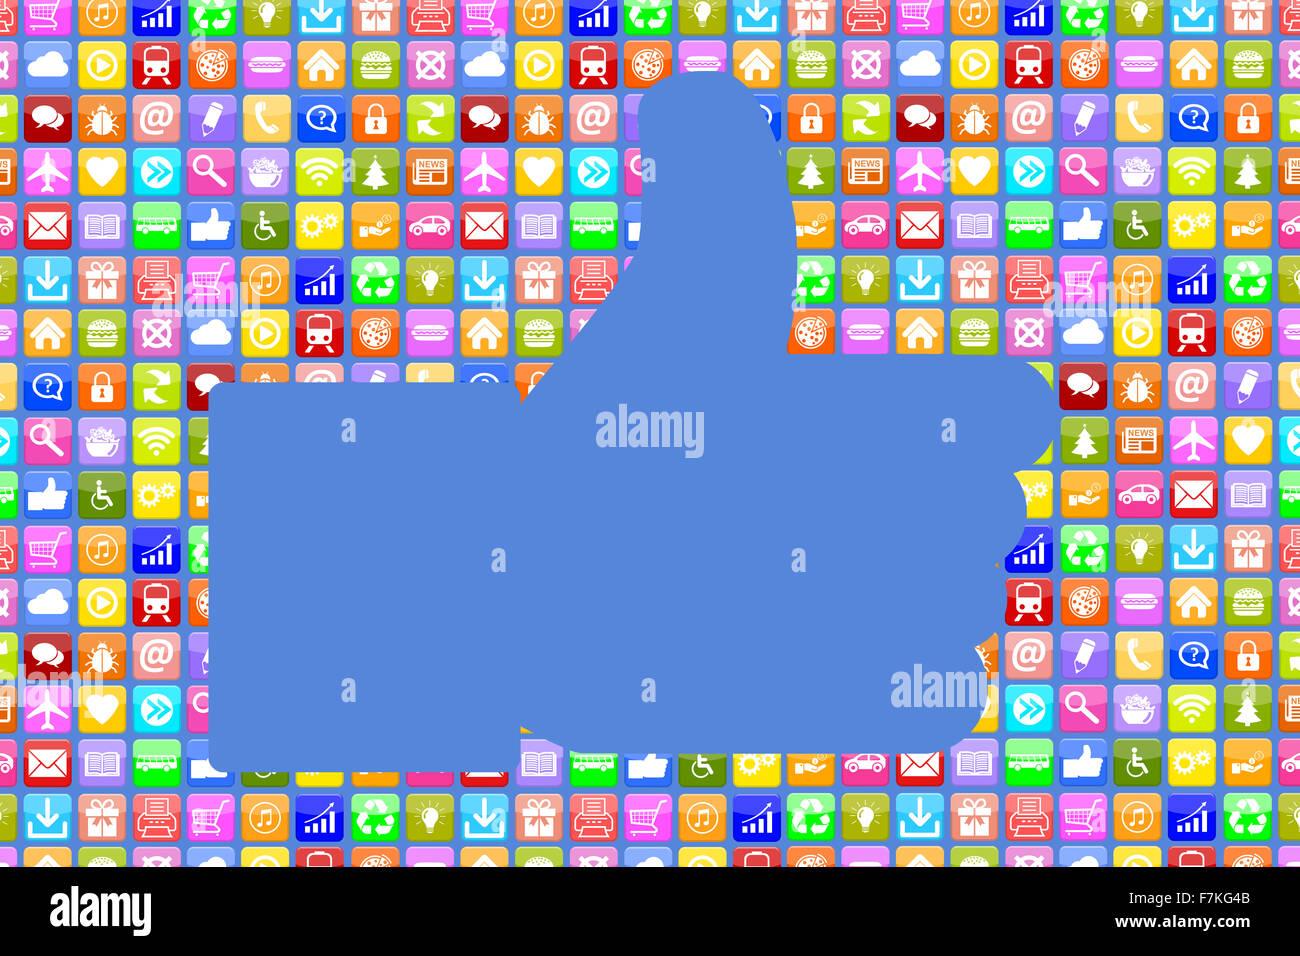 Applications Application App comme Thumbs up réseaux sociaux sur mobile ou téléphone intelligent Photo Stock